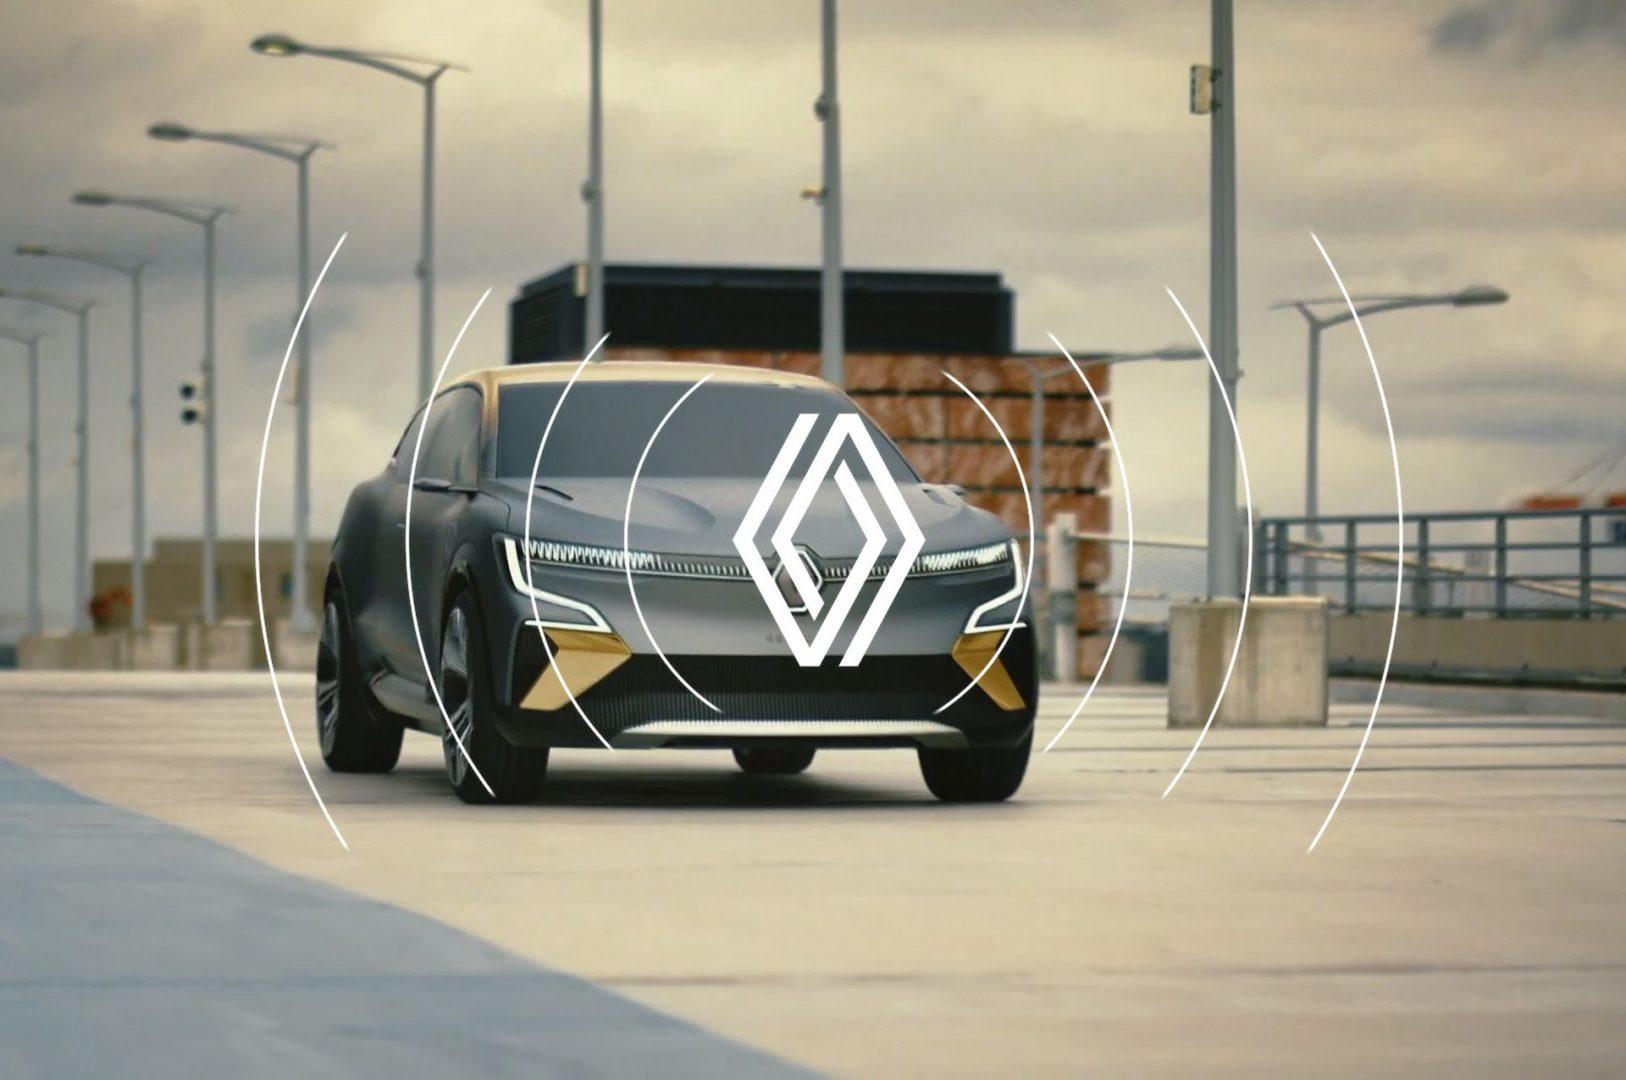 Renault priča o harmoniji zvukova – epizoda 2: Zvuk električnih automobila